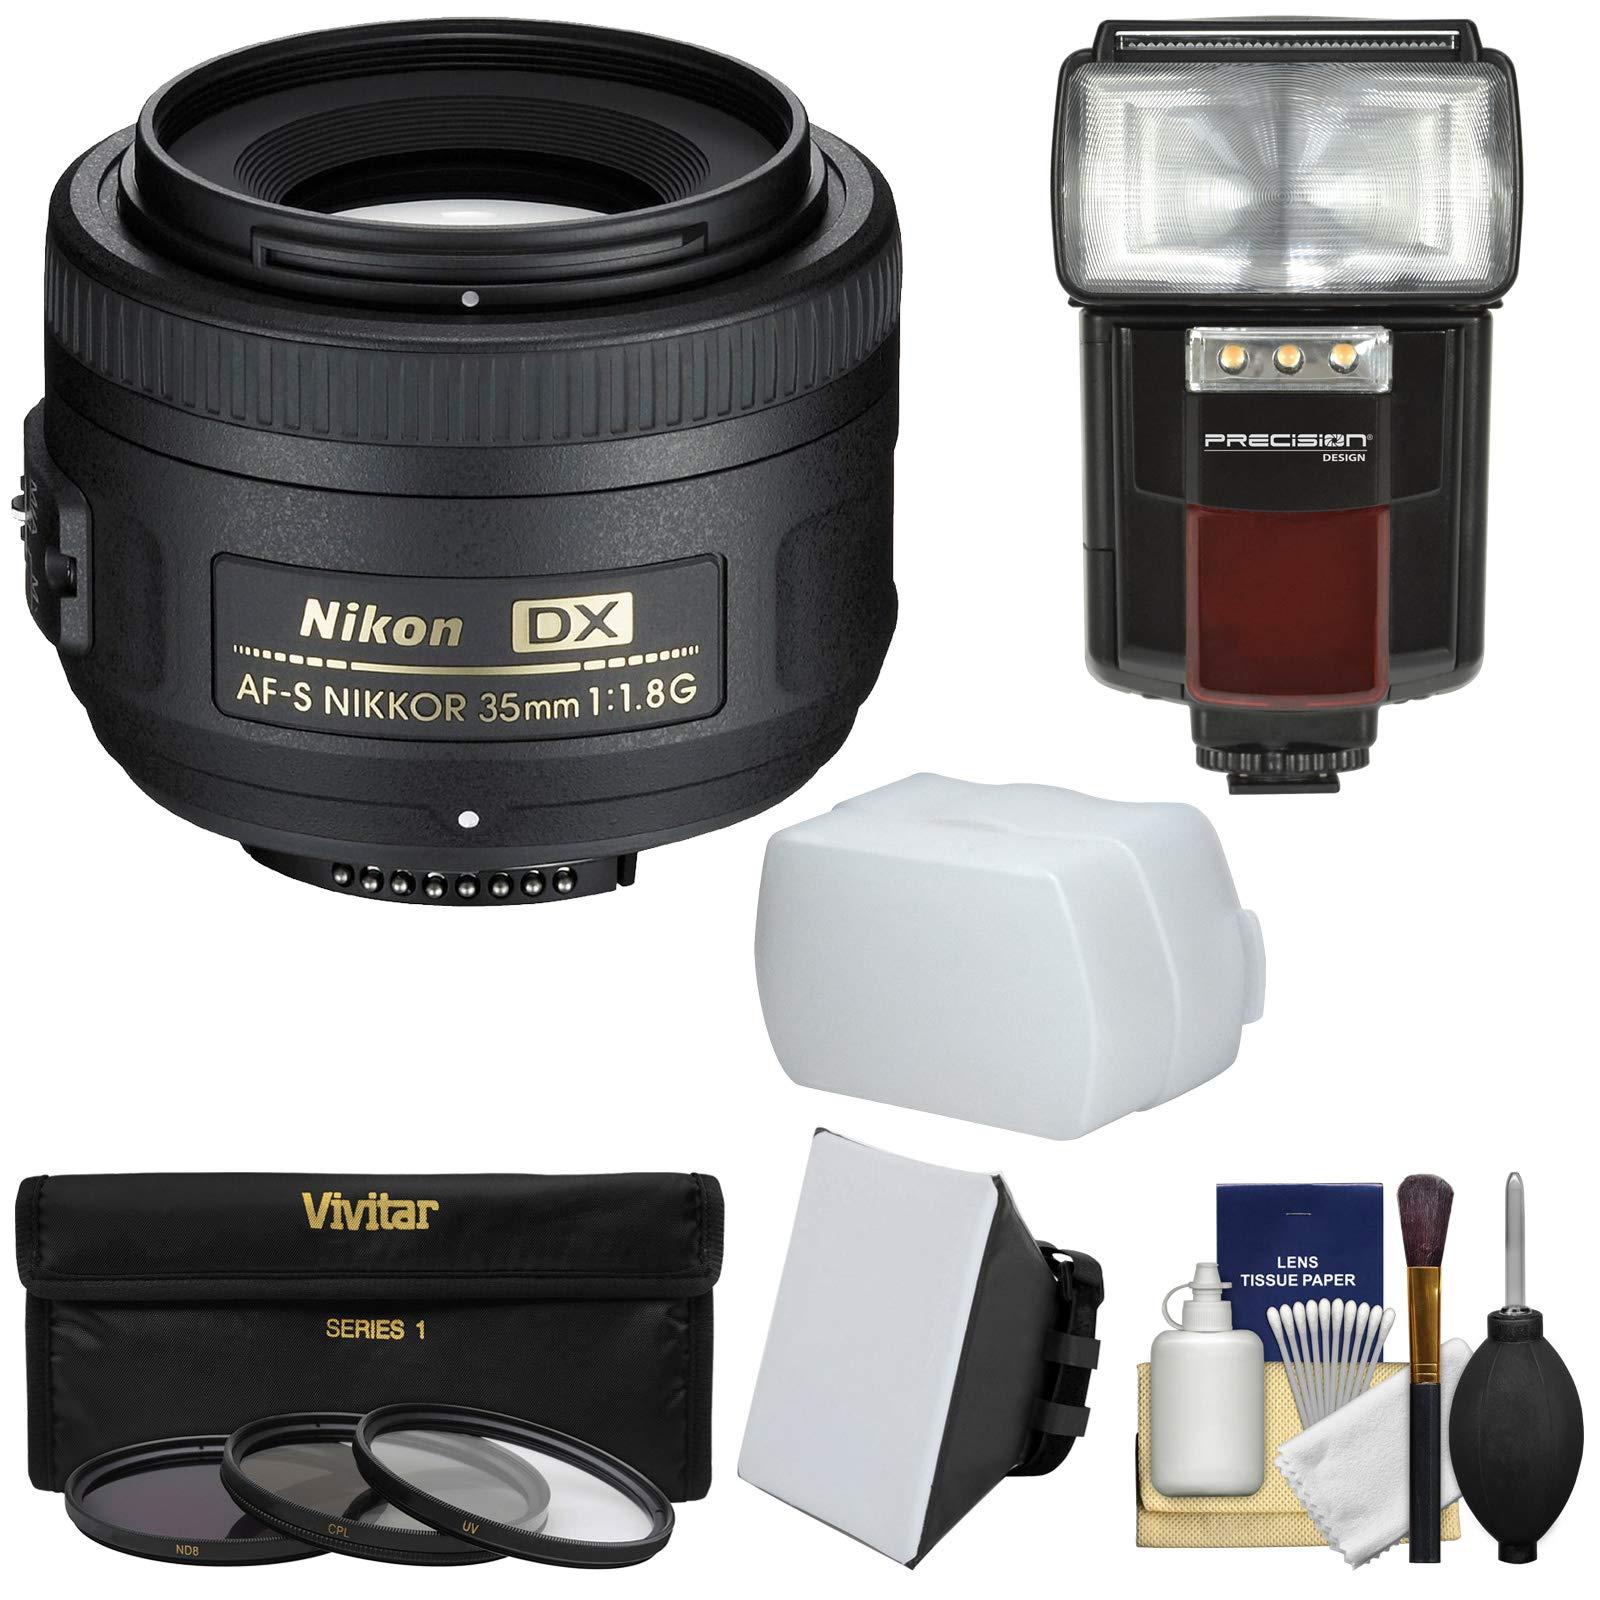 Nikon 35mm f/1.8 G DX AF-S Nikkor Lens with 3 Filters + Flash & 2 Diffusers Kit for D3200, D3300, D5300, D5500, D7100, D7200 Cameras